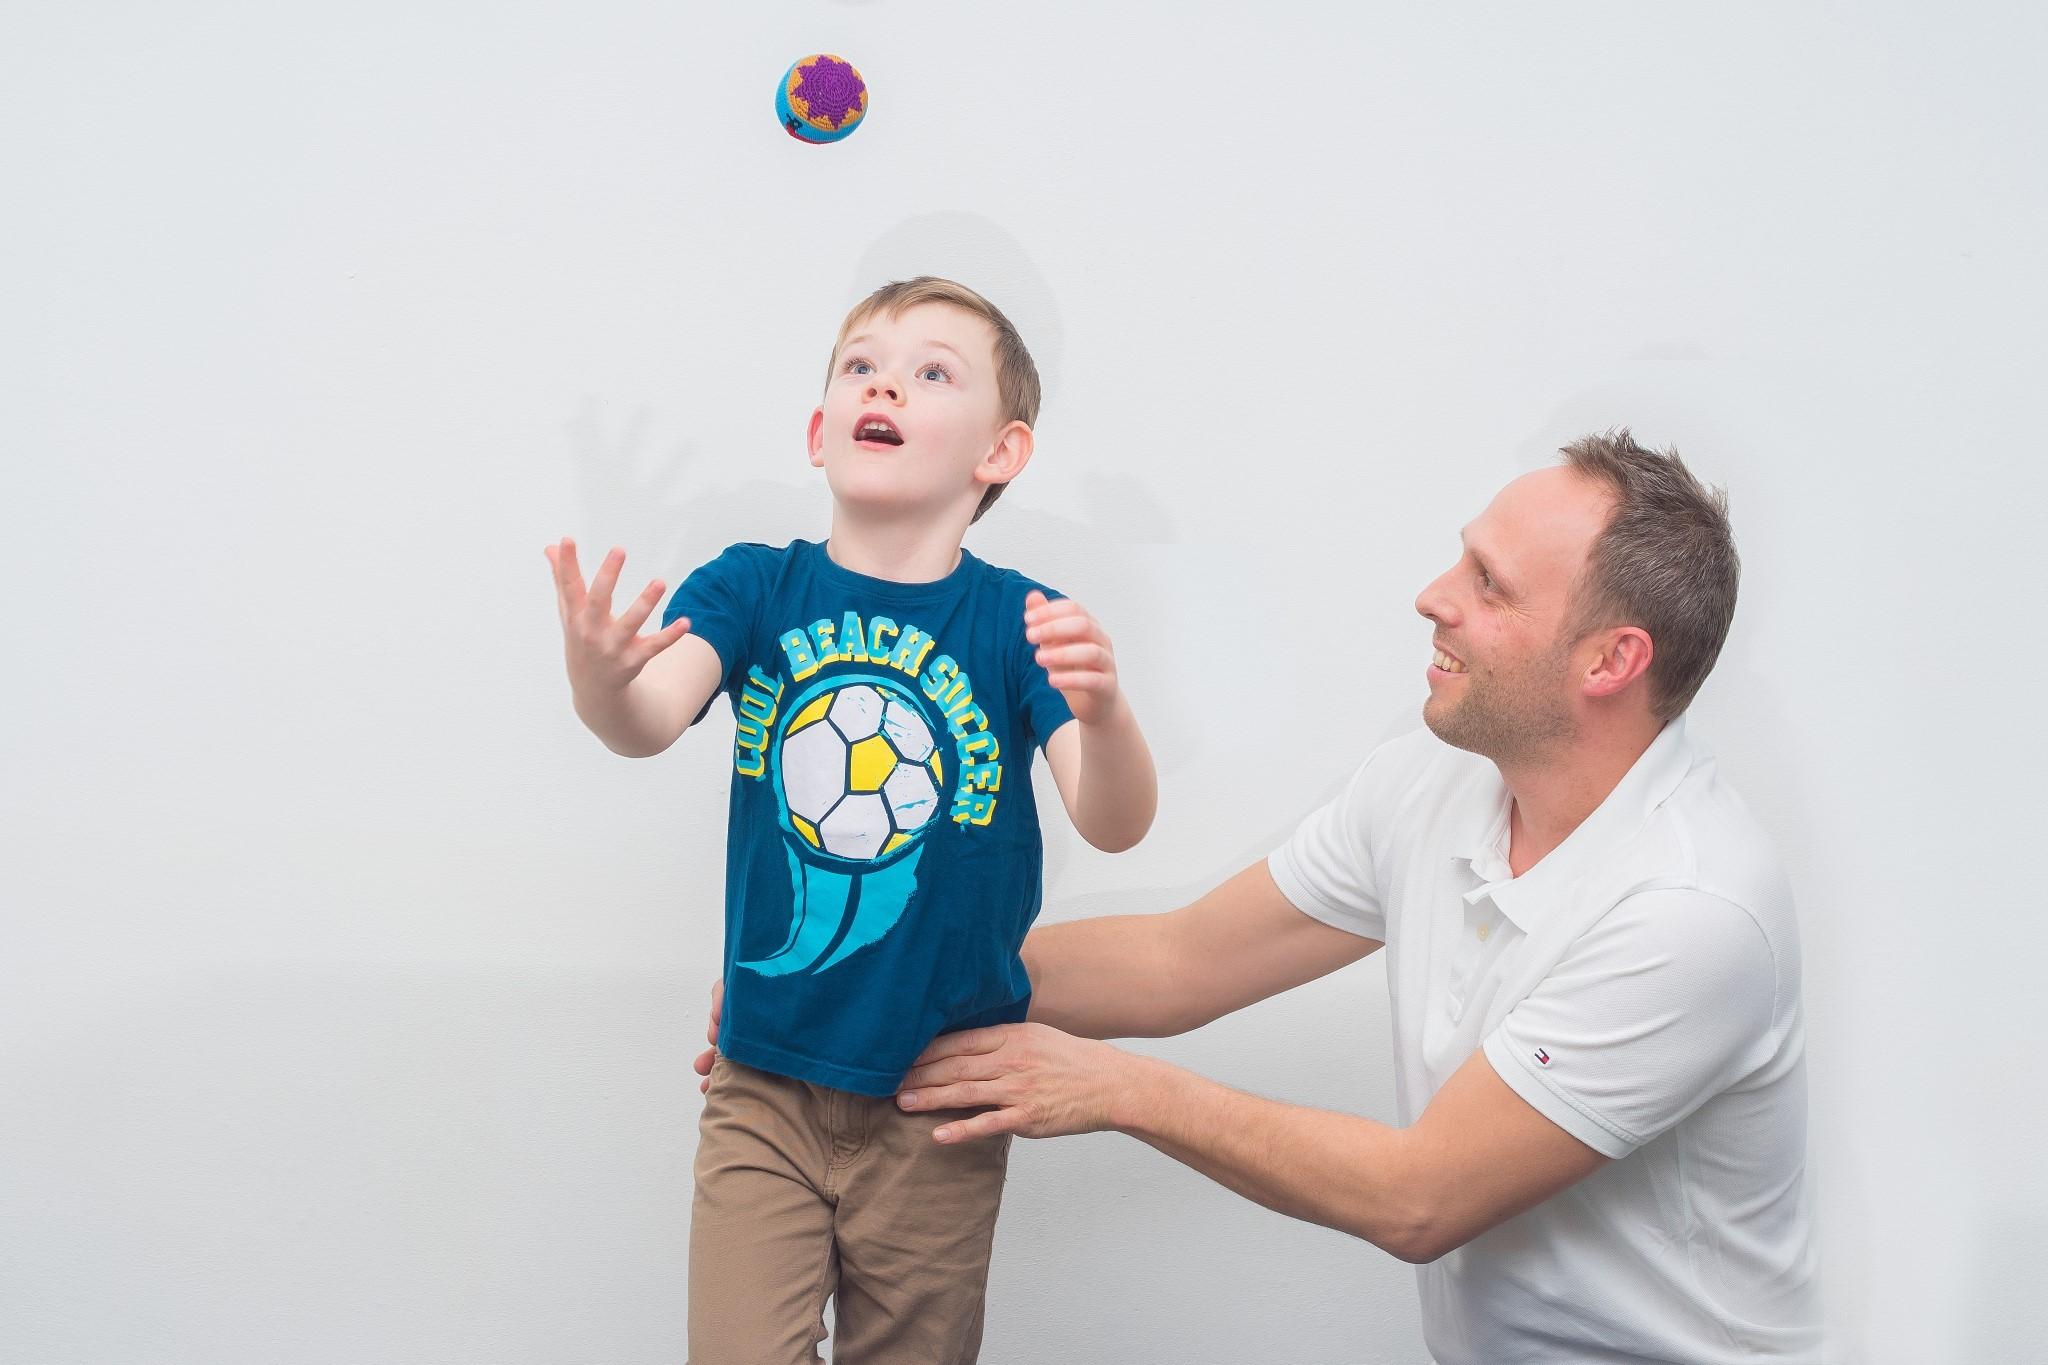 Ergotherapie mit Kindern - Kind fängt Ball auf einem Bein